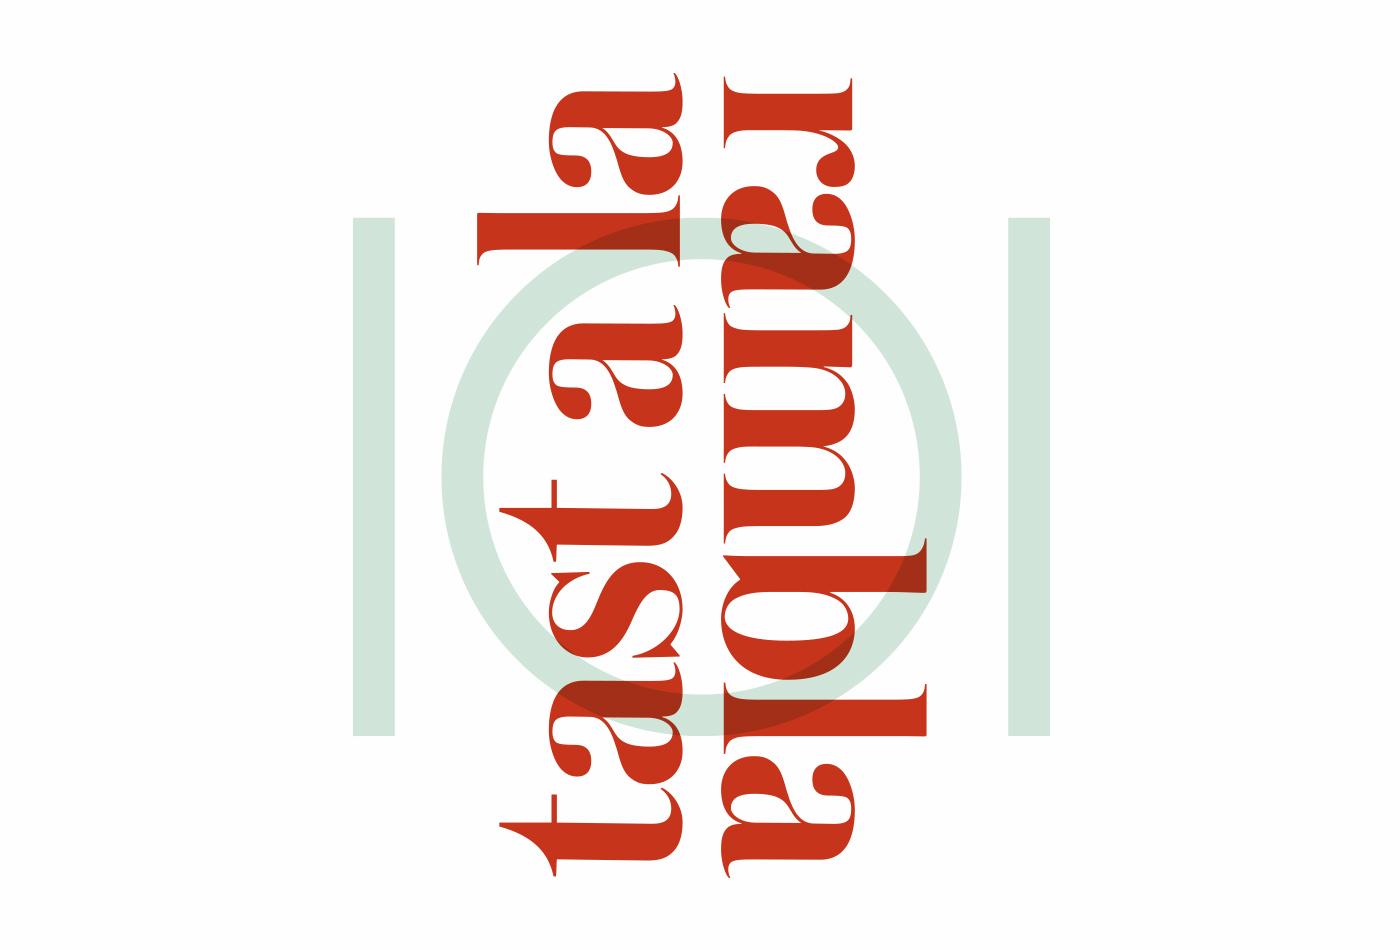 imatge-grafica-tastalarambla-02-creartiva-disseny-barcelona